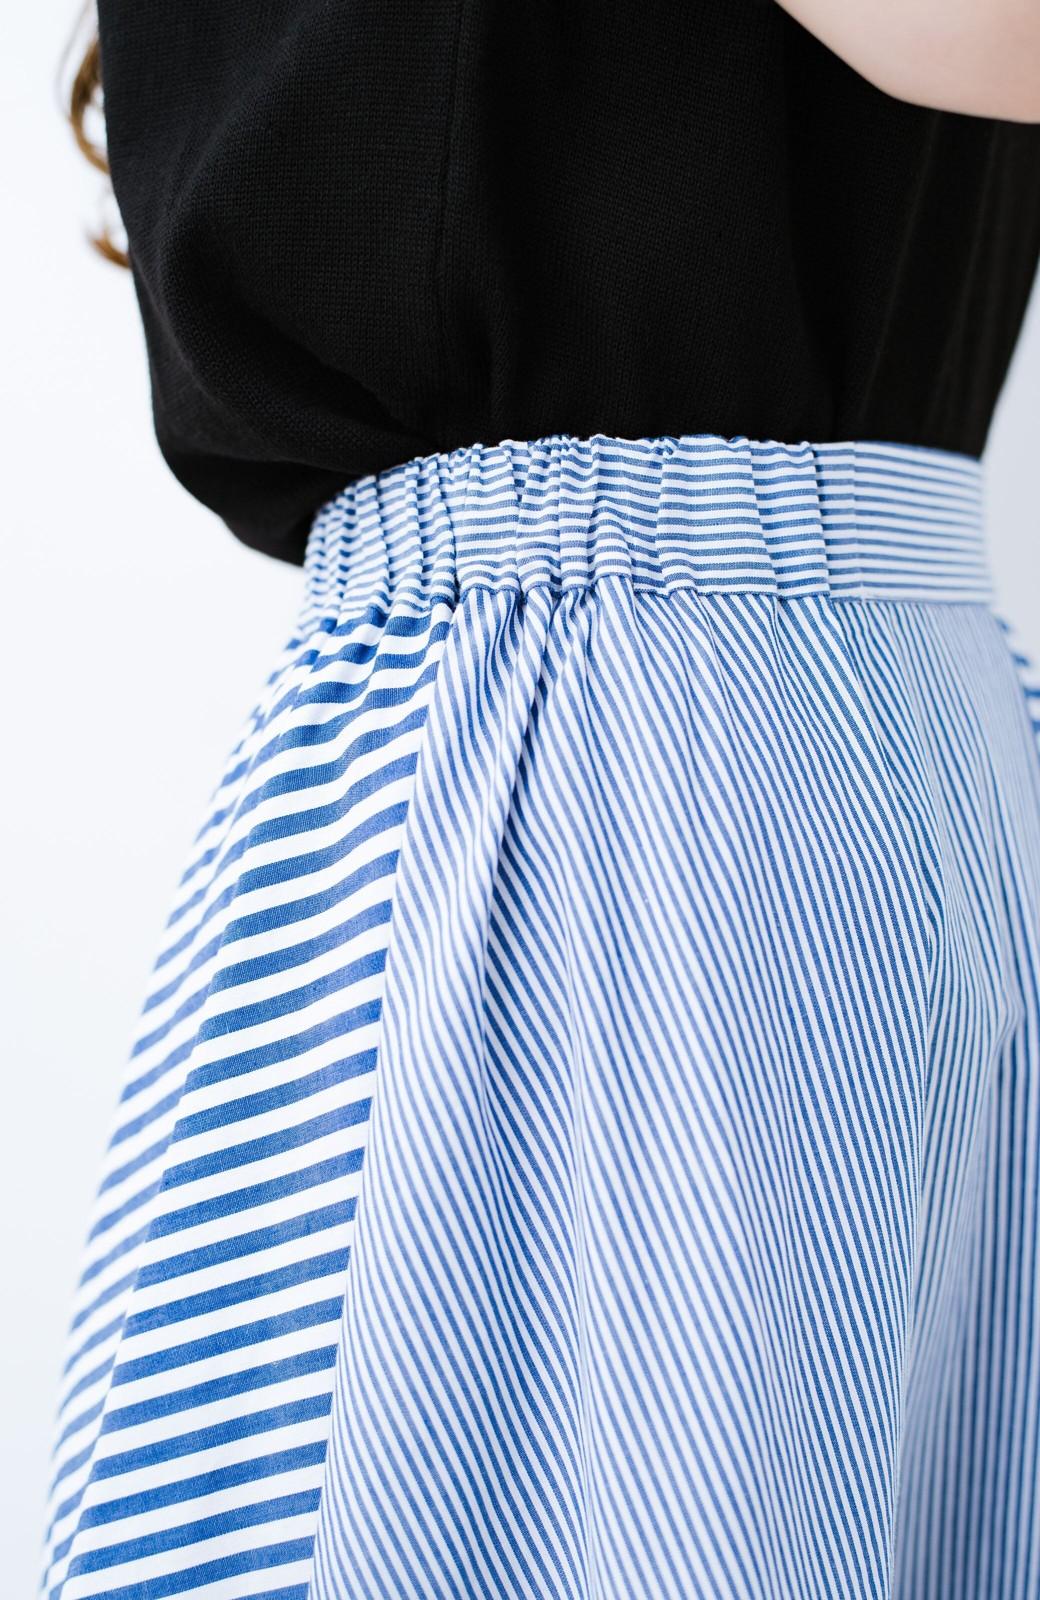 haco! 上半身から視線そらし!胸が大きいさんのためのコーデの主役になるストライプパネルスカート from チャームポイント敬愛企画 <ブルー系その他>の商品写真8